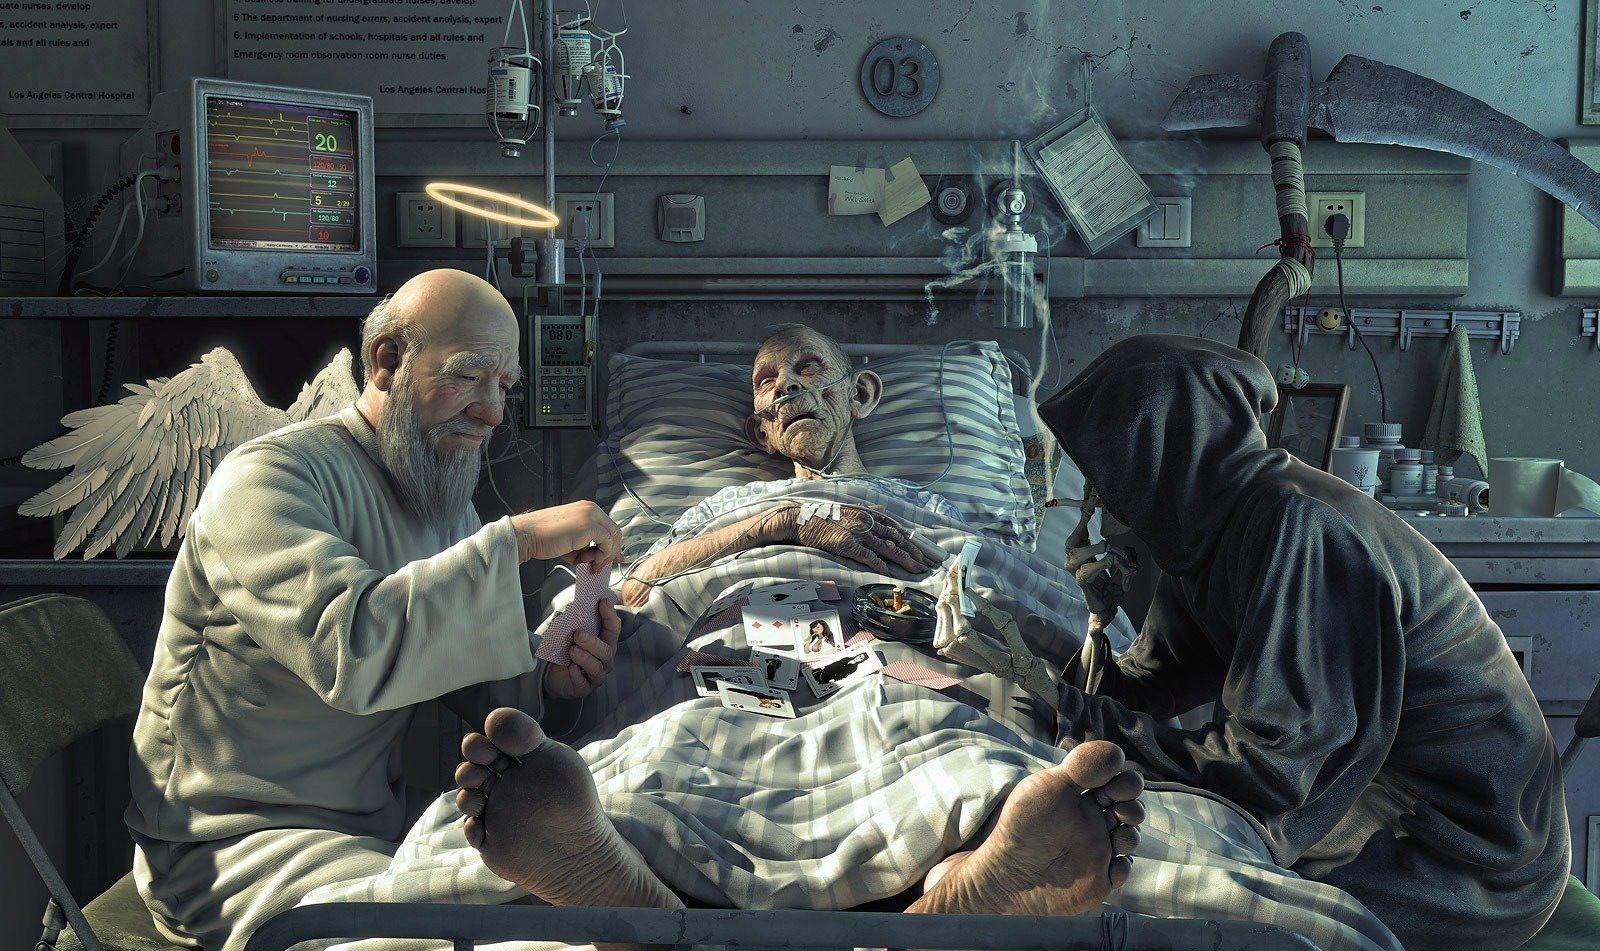 Смерть с жизнью играют в карты игровые автоматы 2000 г